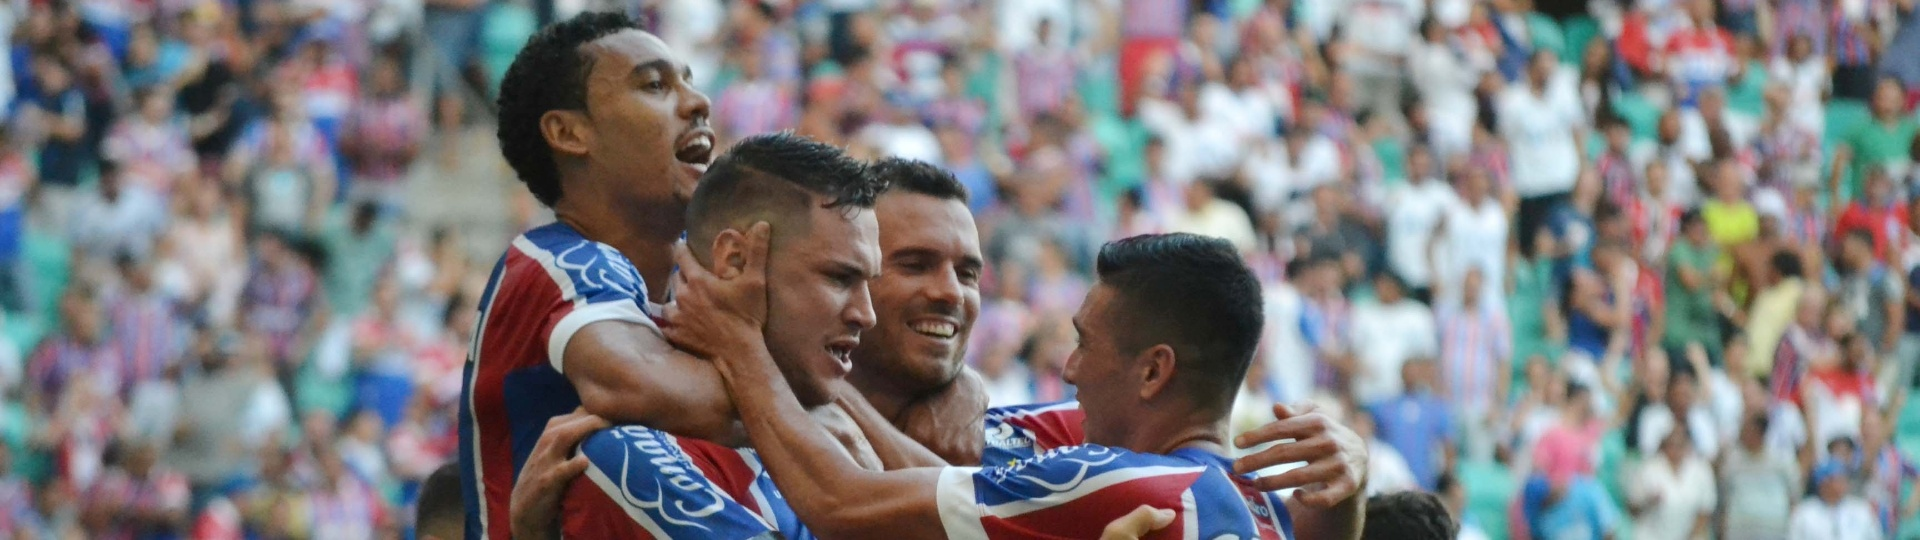 Jogadores do Bahia comemoram gol contra o Atlético-PR